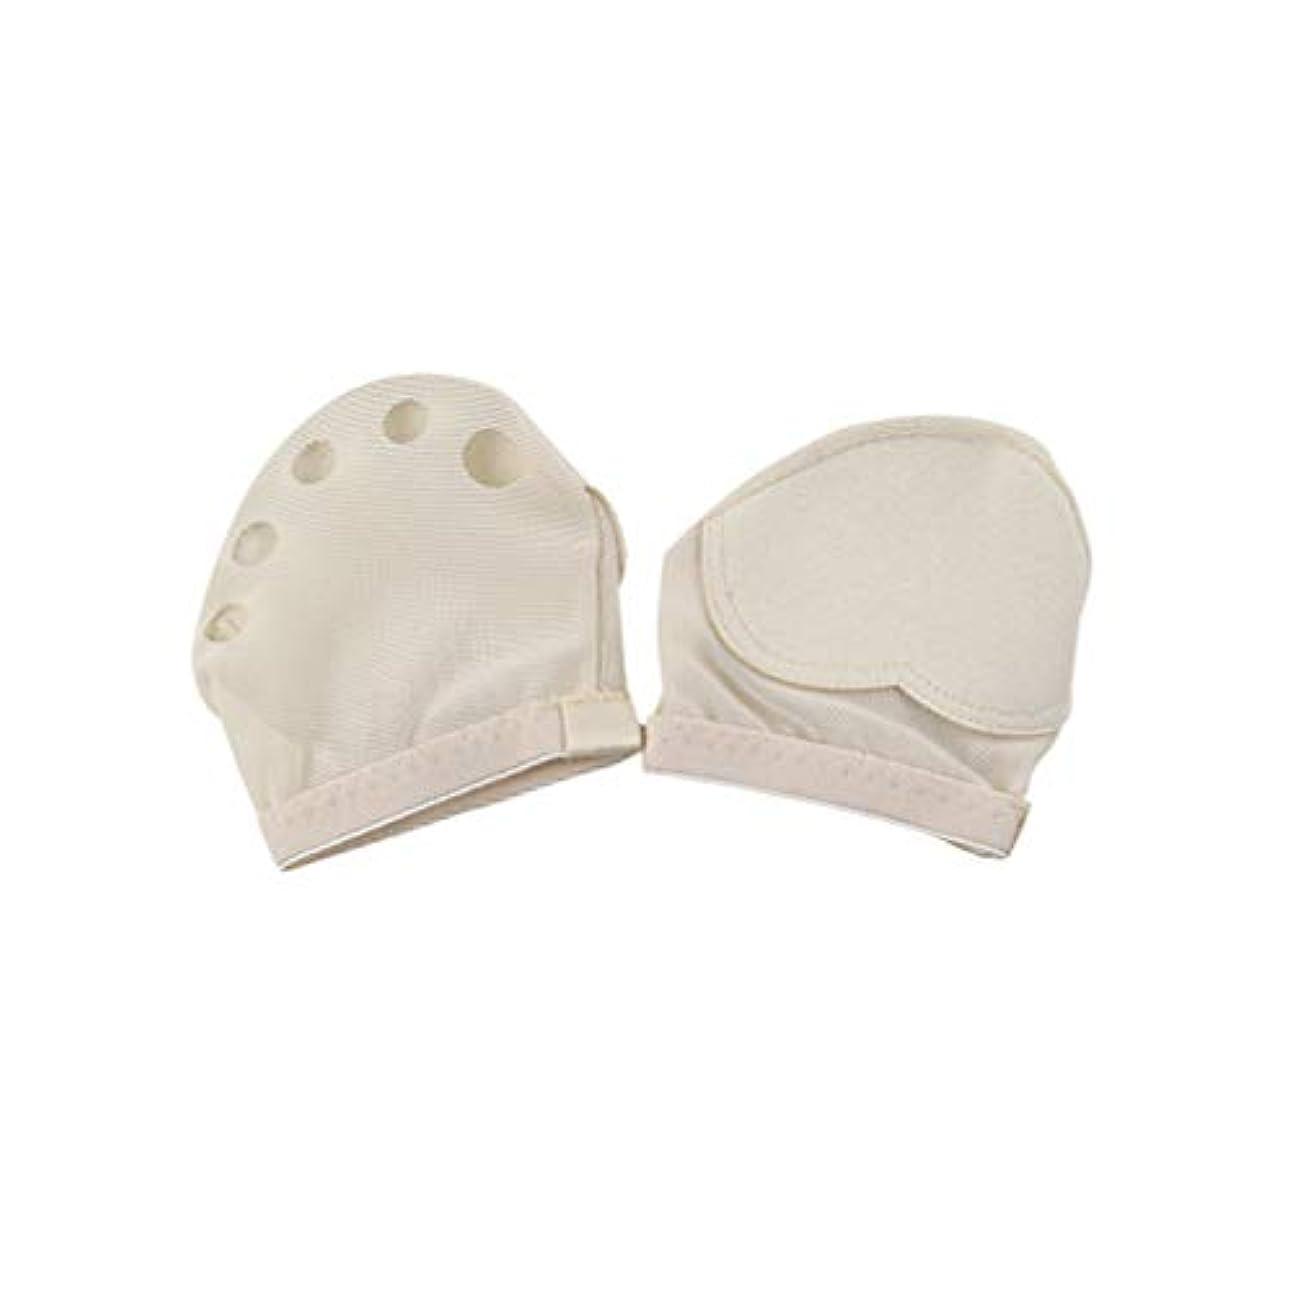 鳴り響くペダル構造Healifty Womens Half Sole Dance Shoes Ballet Belly Dance Forefoot Pads Protective Foot Cushion Five Holes Size XL